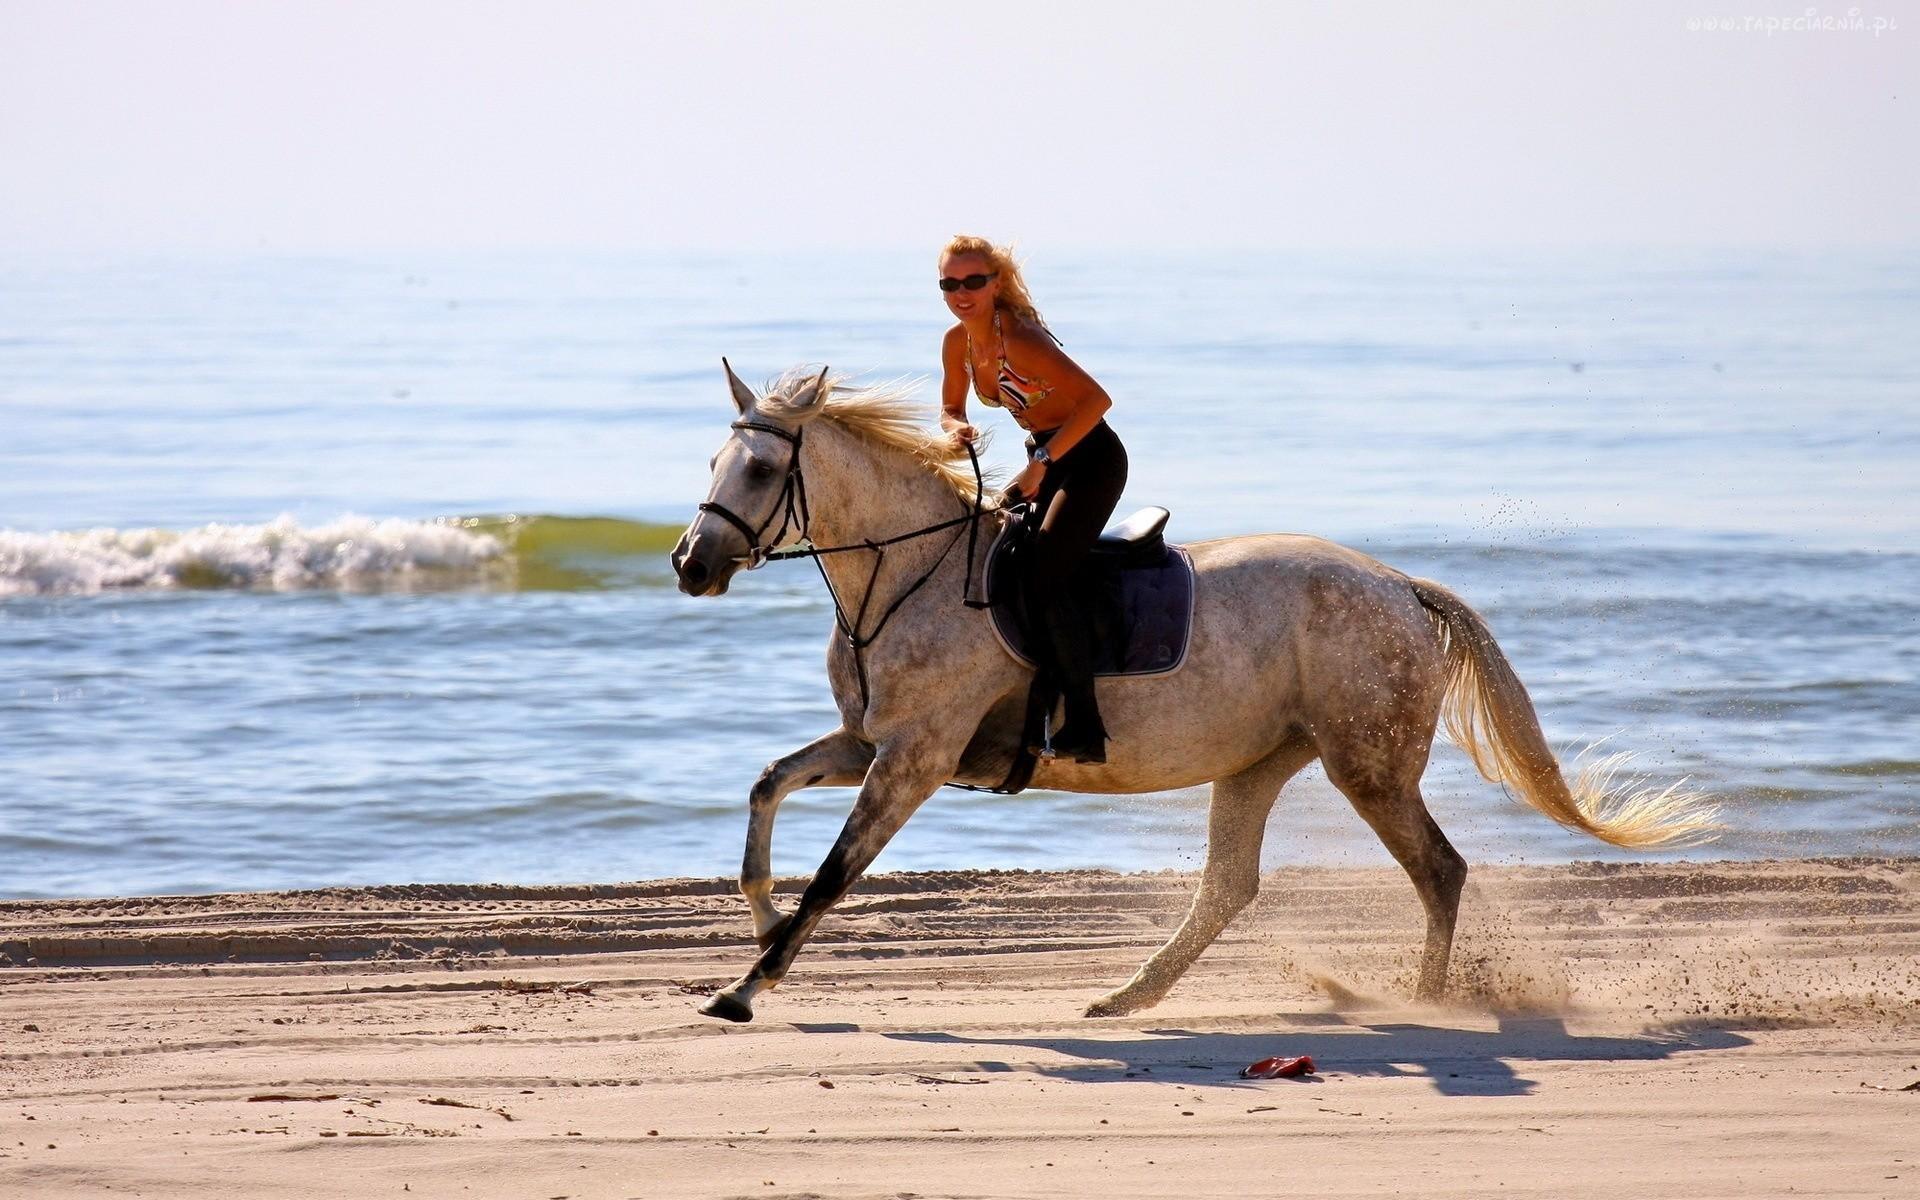 Chica paseando a caballo - 1920x1200